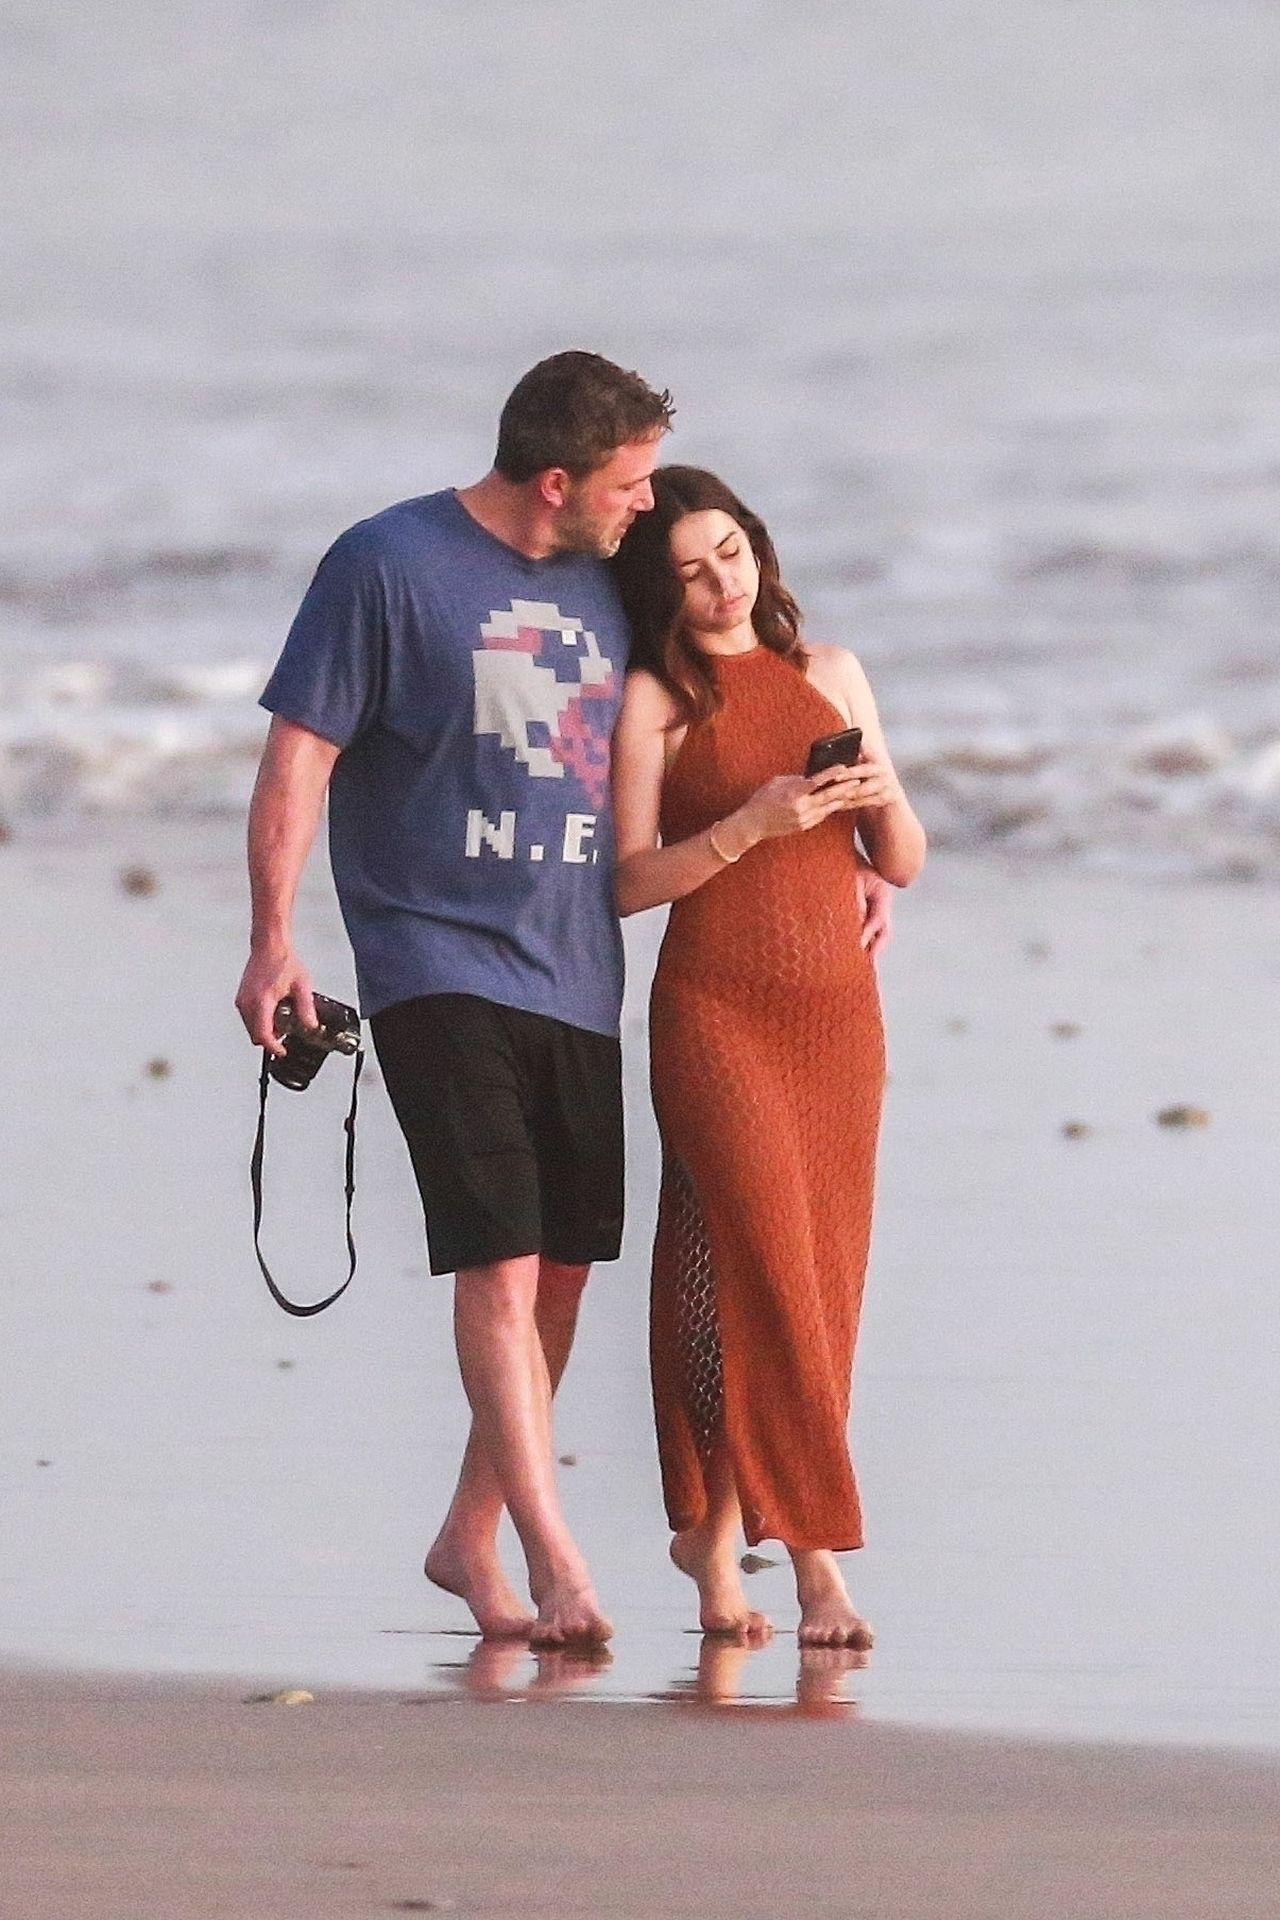 Ben Affleck & Ana De Armas Enjoy A Pda Moment During Romantic Beach Stroll In Costa Rica 0029